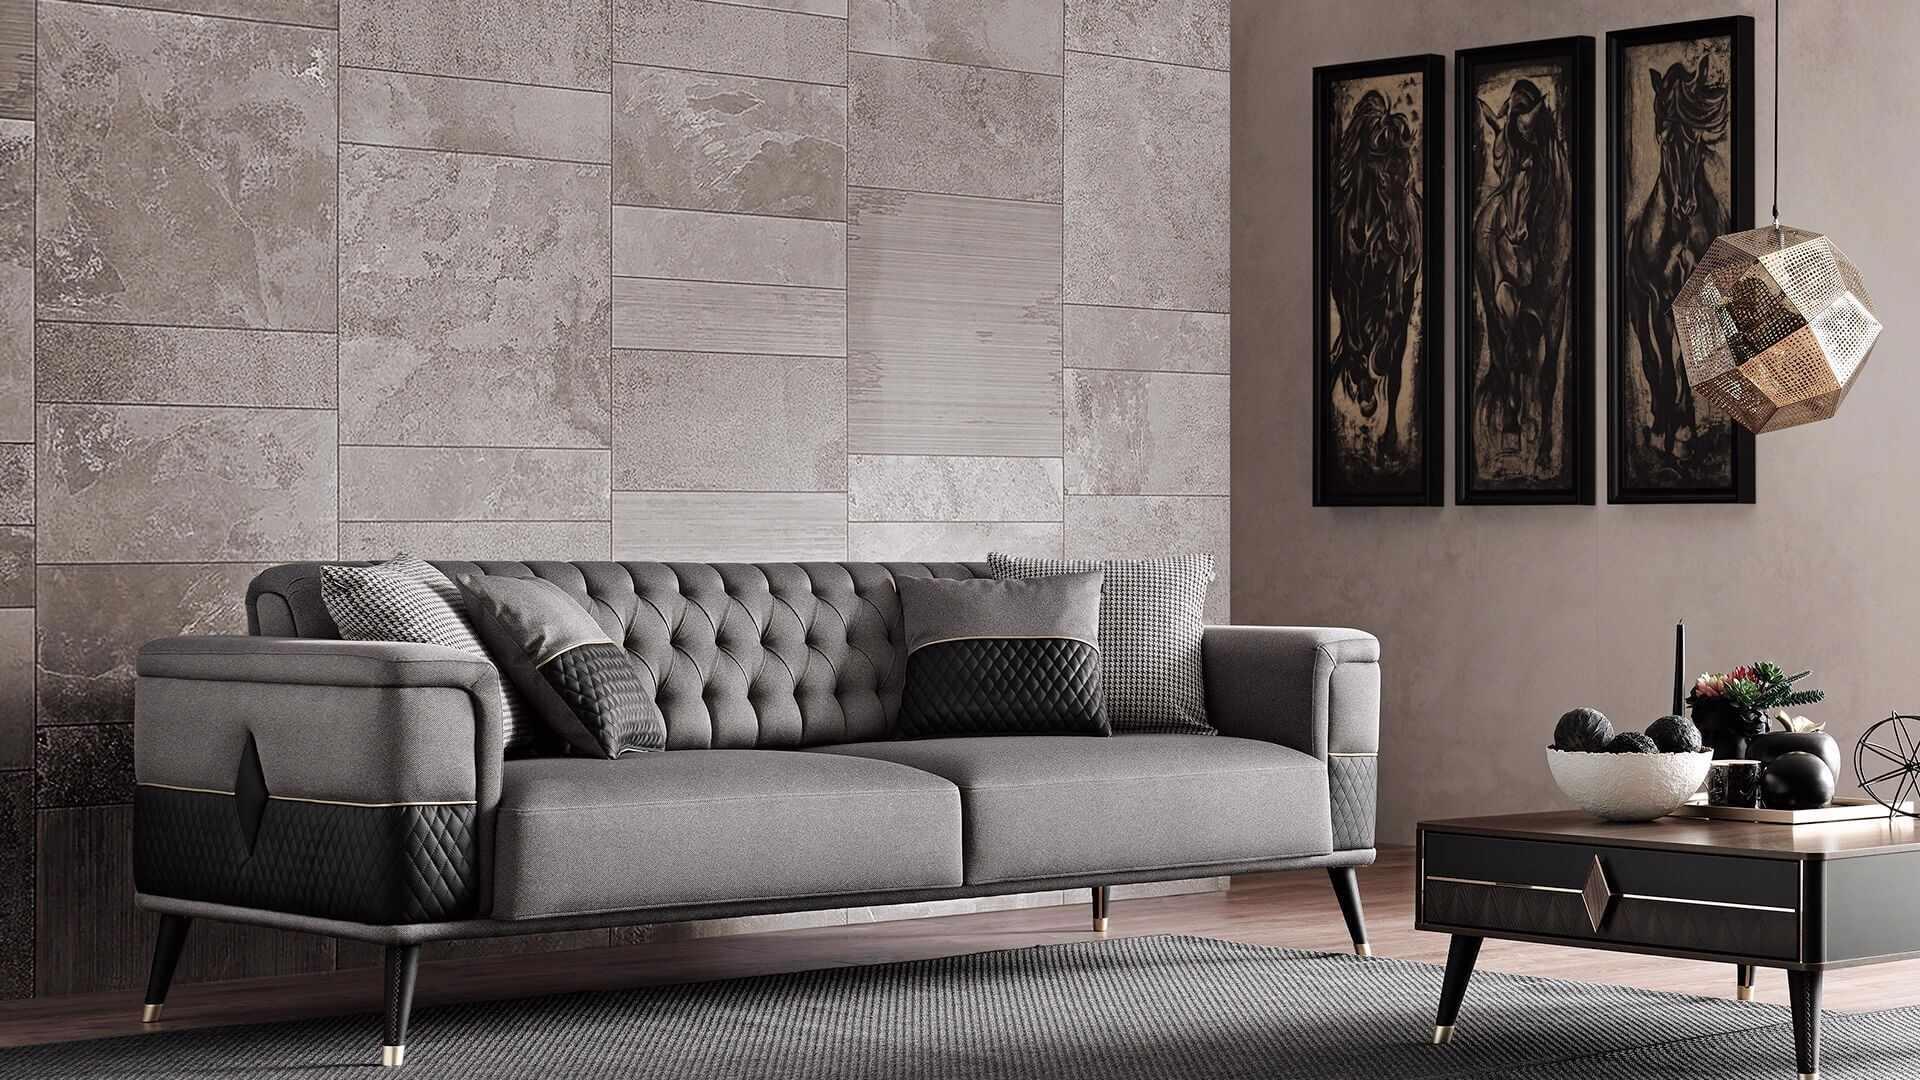 Canapea tapitata cu stofa si piele ecologica, 3 locuri, cu functie sleep pentru 1 persoana Diamond Gri inchis / Negru, l227xA92xH78 cm la pret 4648 lei